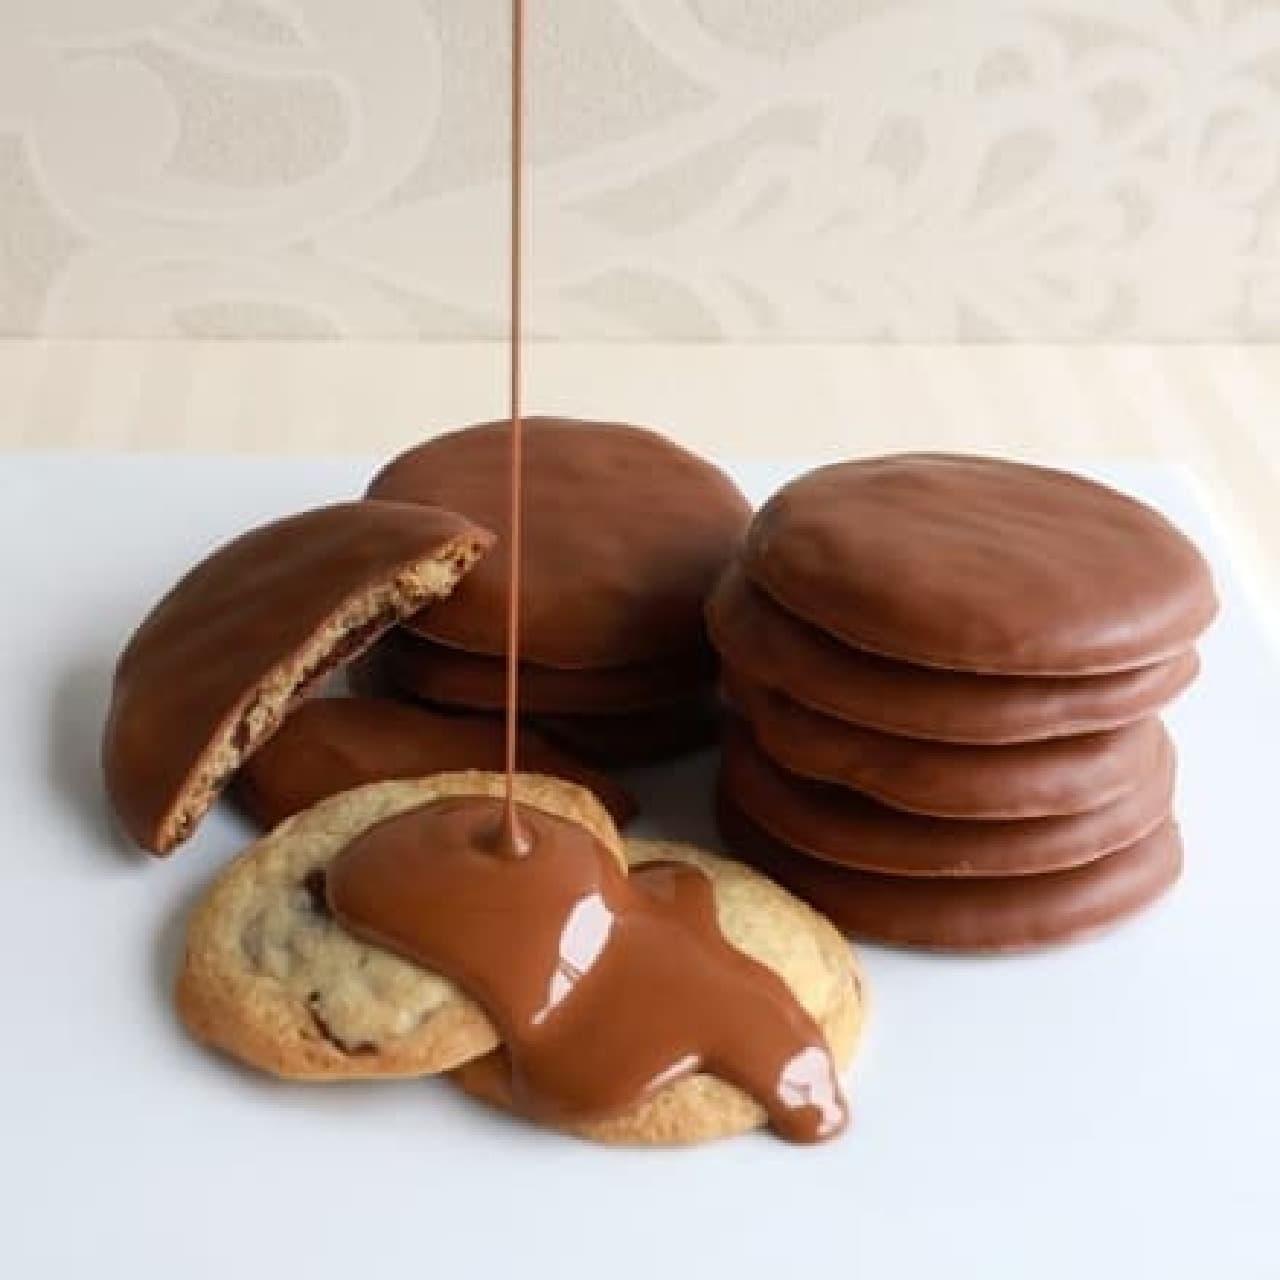 バニラビーンズ ザ ロースタリー トーキョーの「ミルクチョコレートホリック」